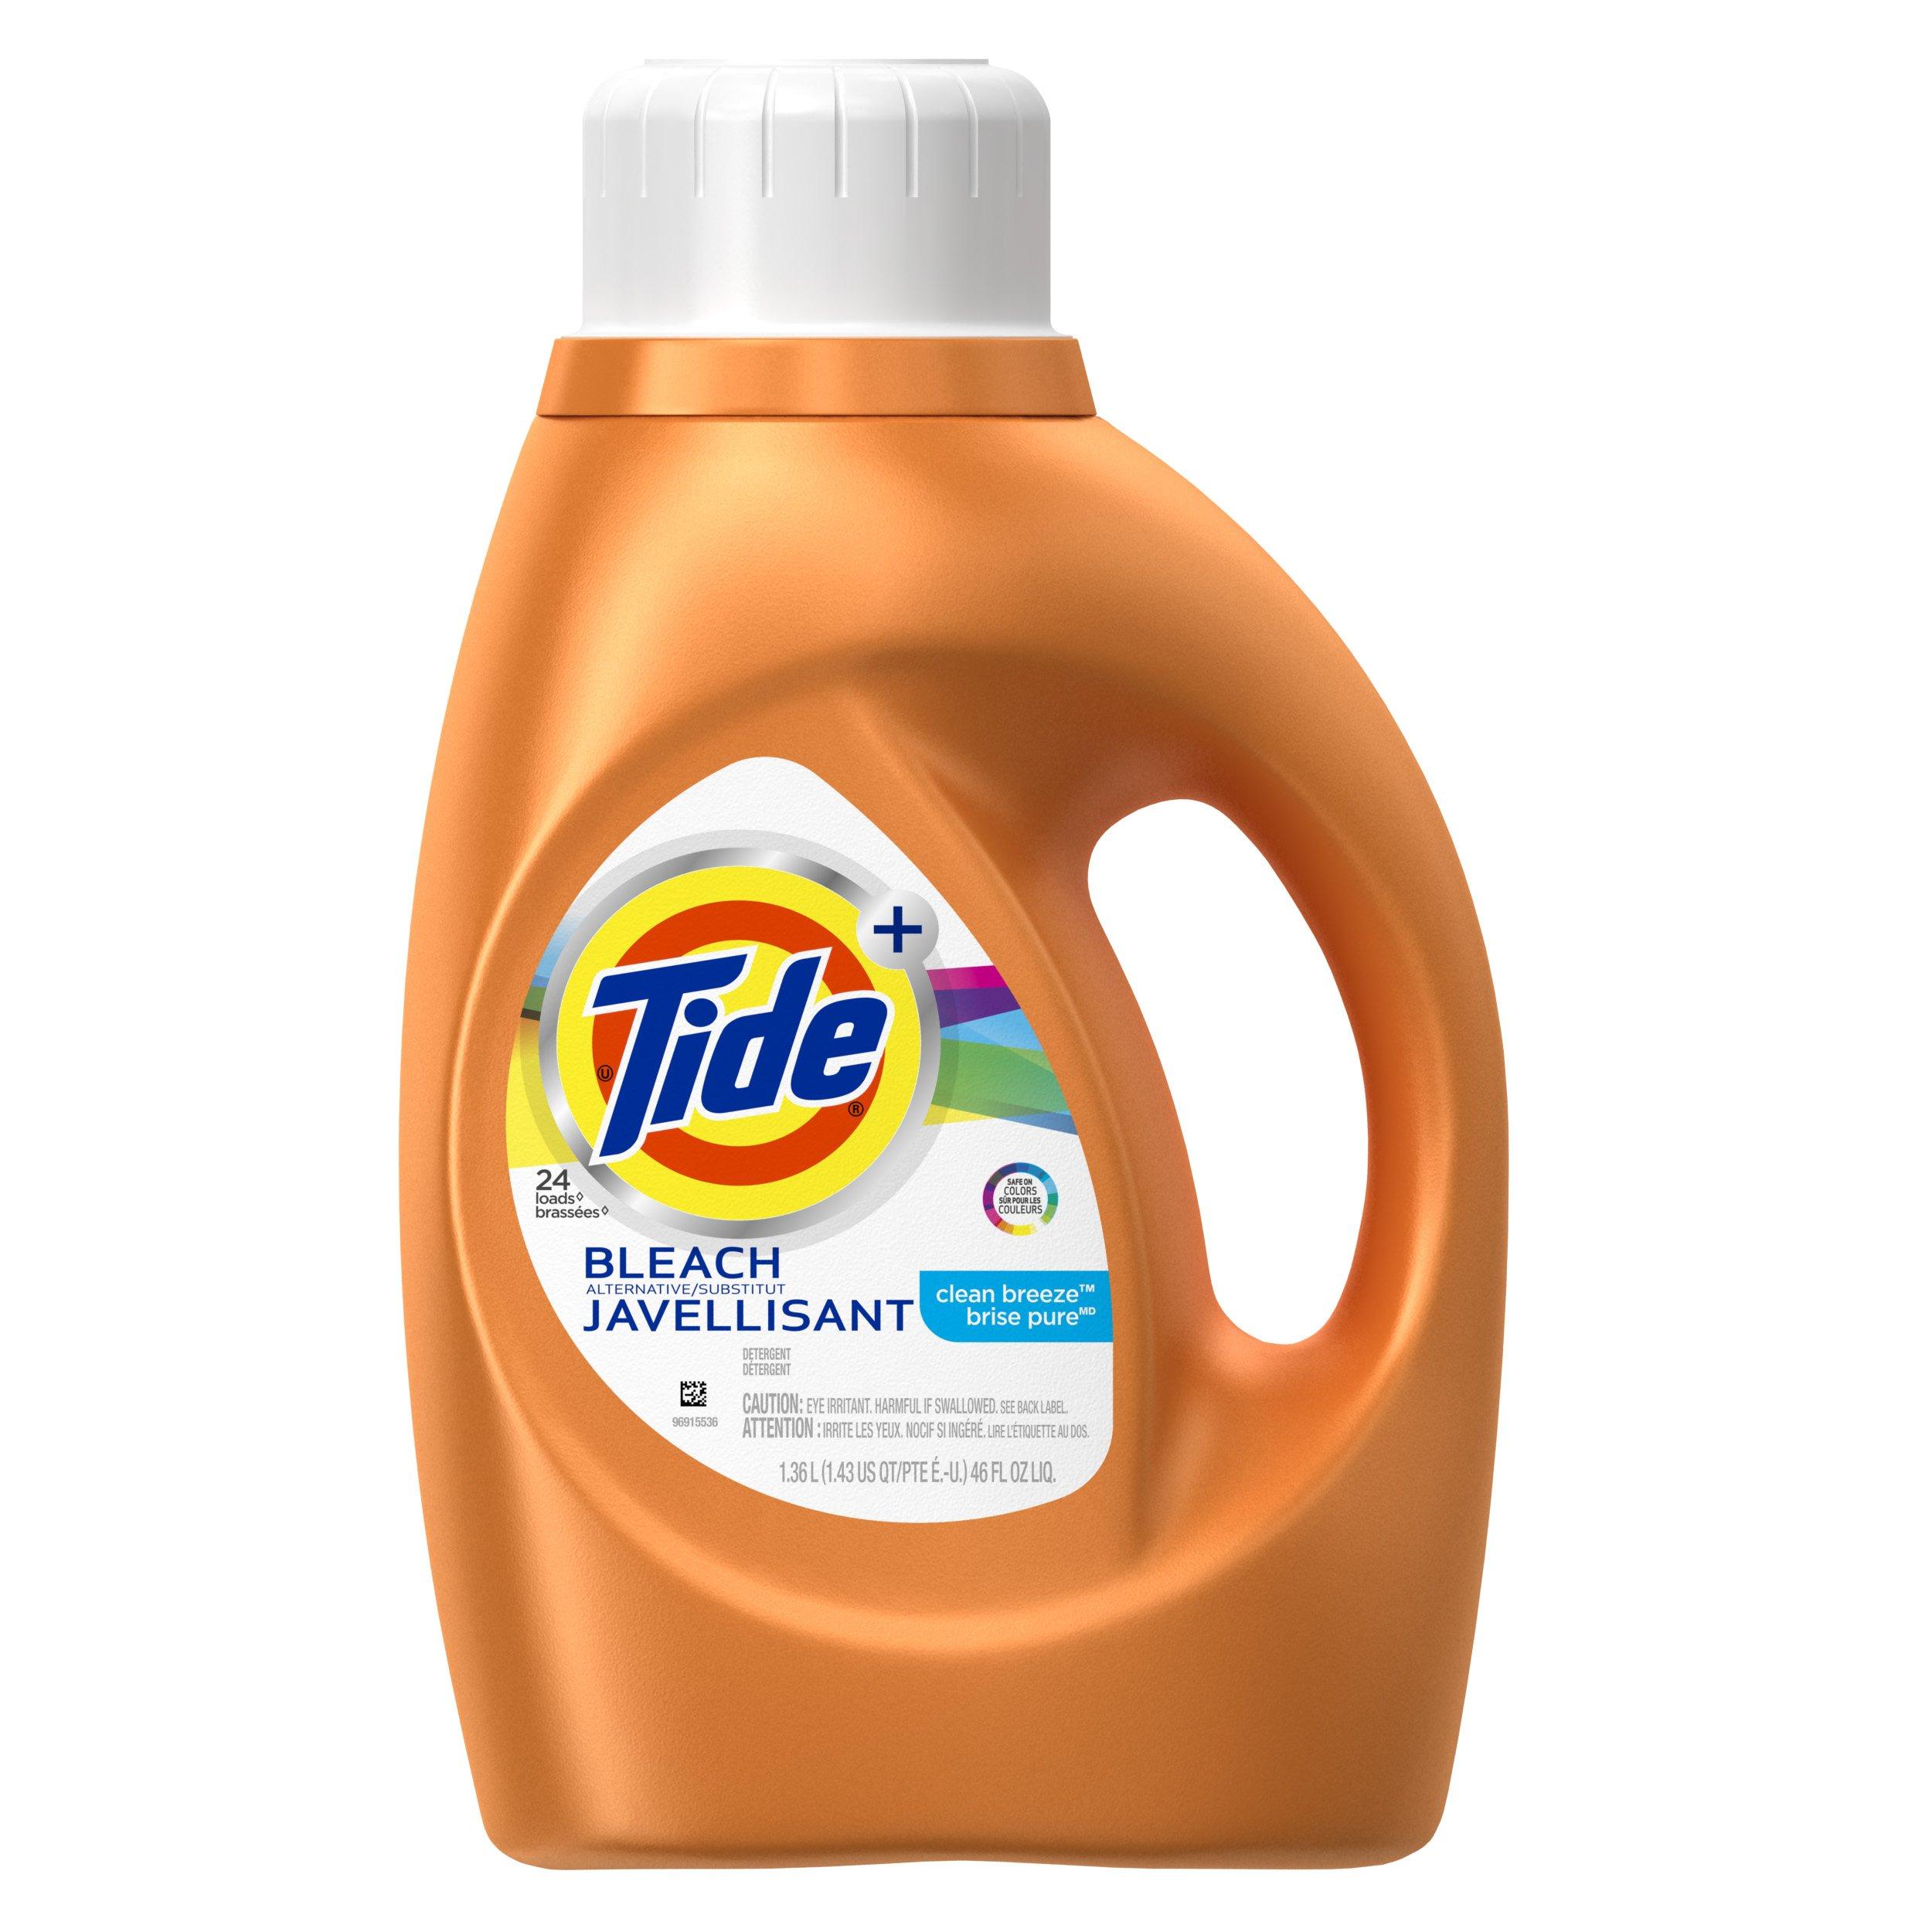 Tide Plus Bleach Alternative Liquid Laundry Detergent - 46 oz - Clean Breeze